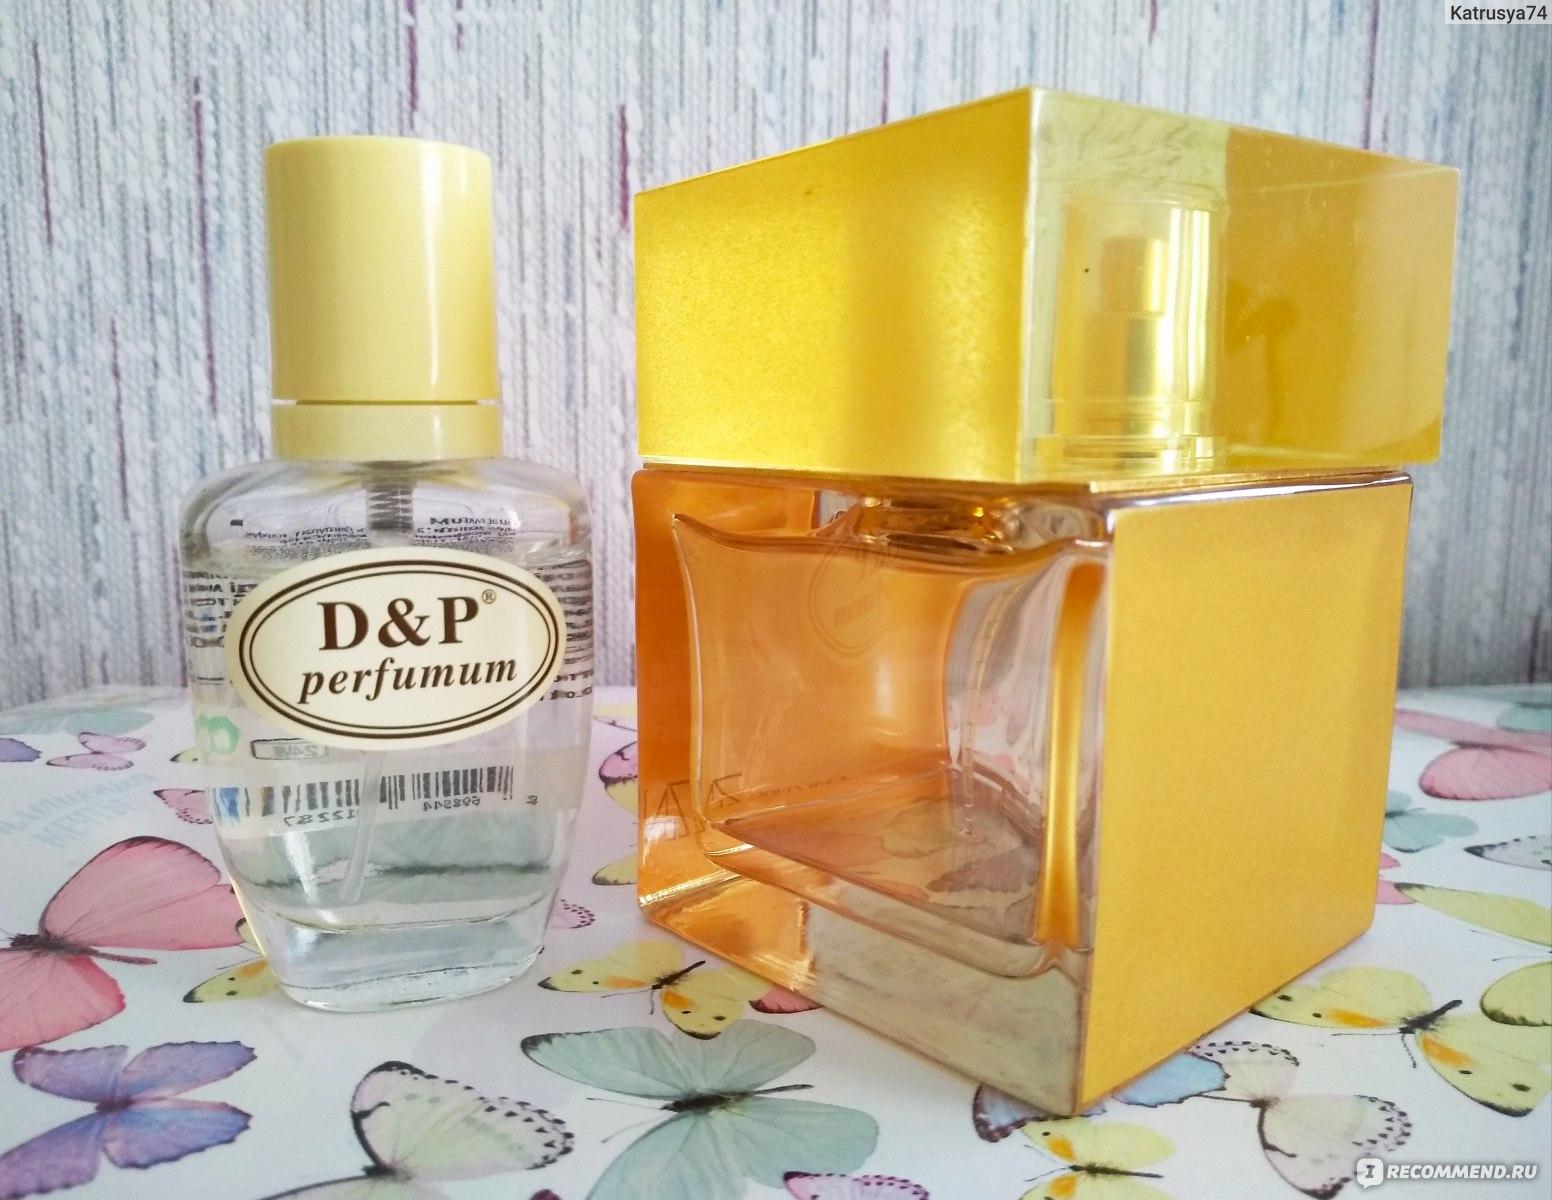 Dp Perfumum свою любимку я нашла в другой стране отзывы